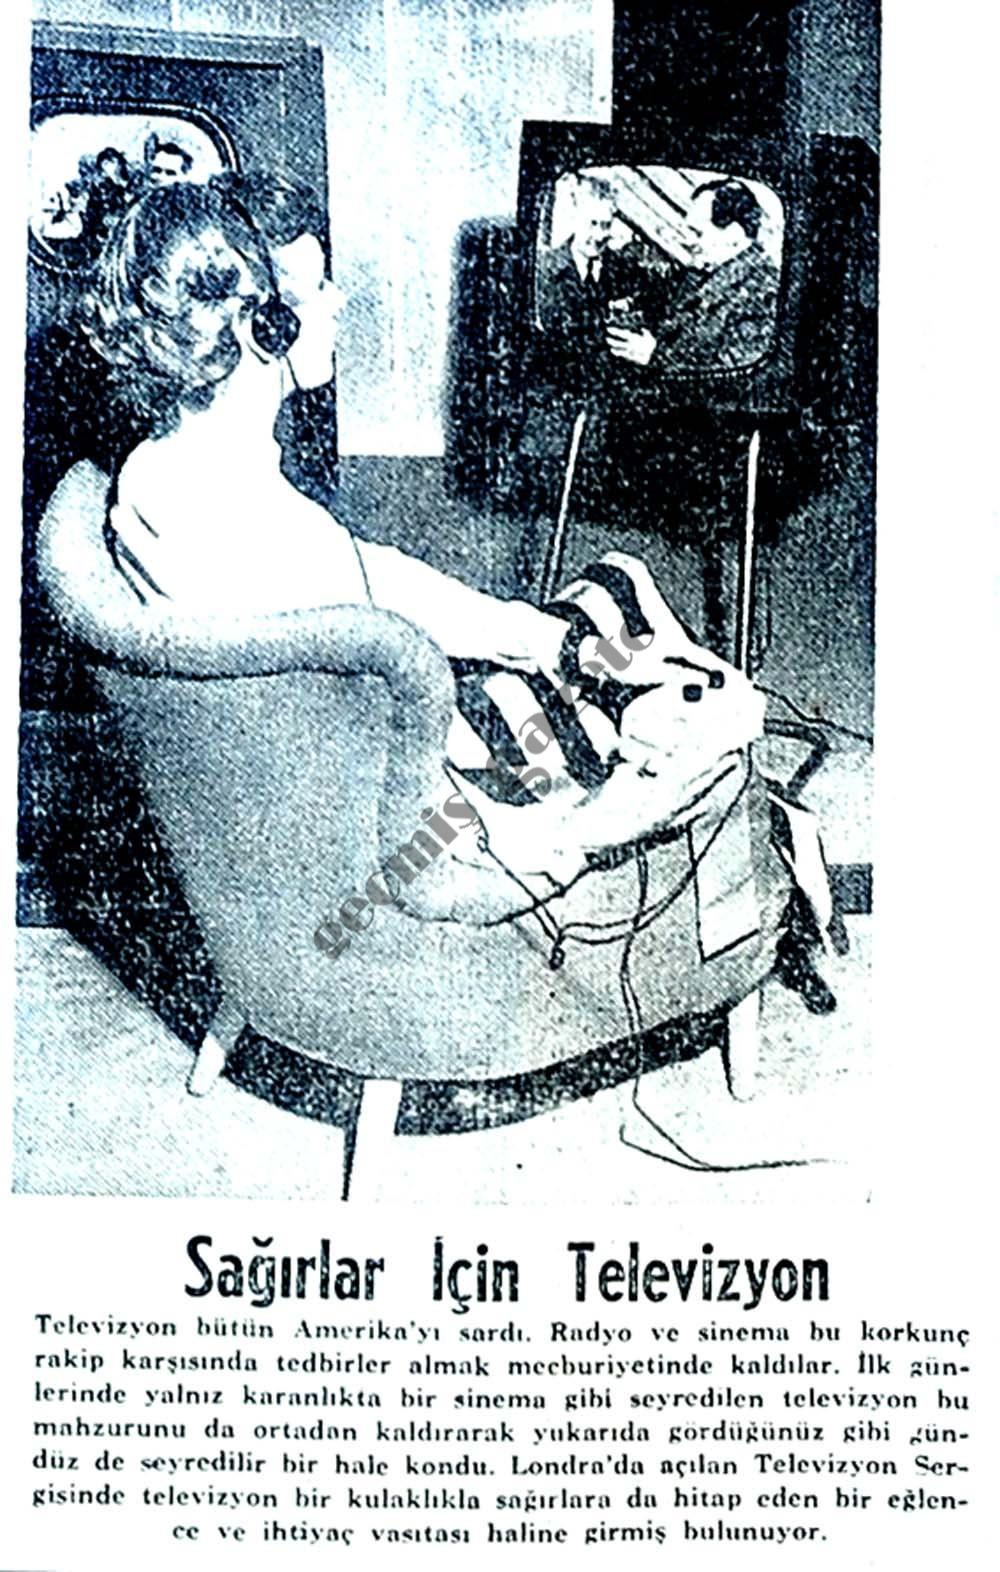 Sağırlar için televizyon